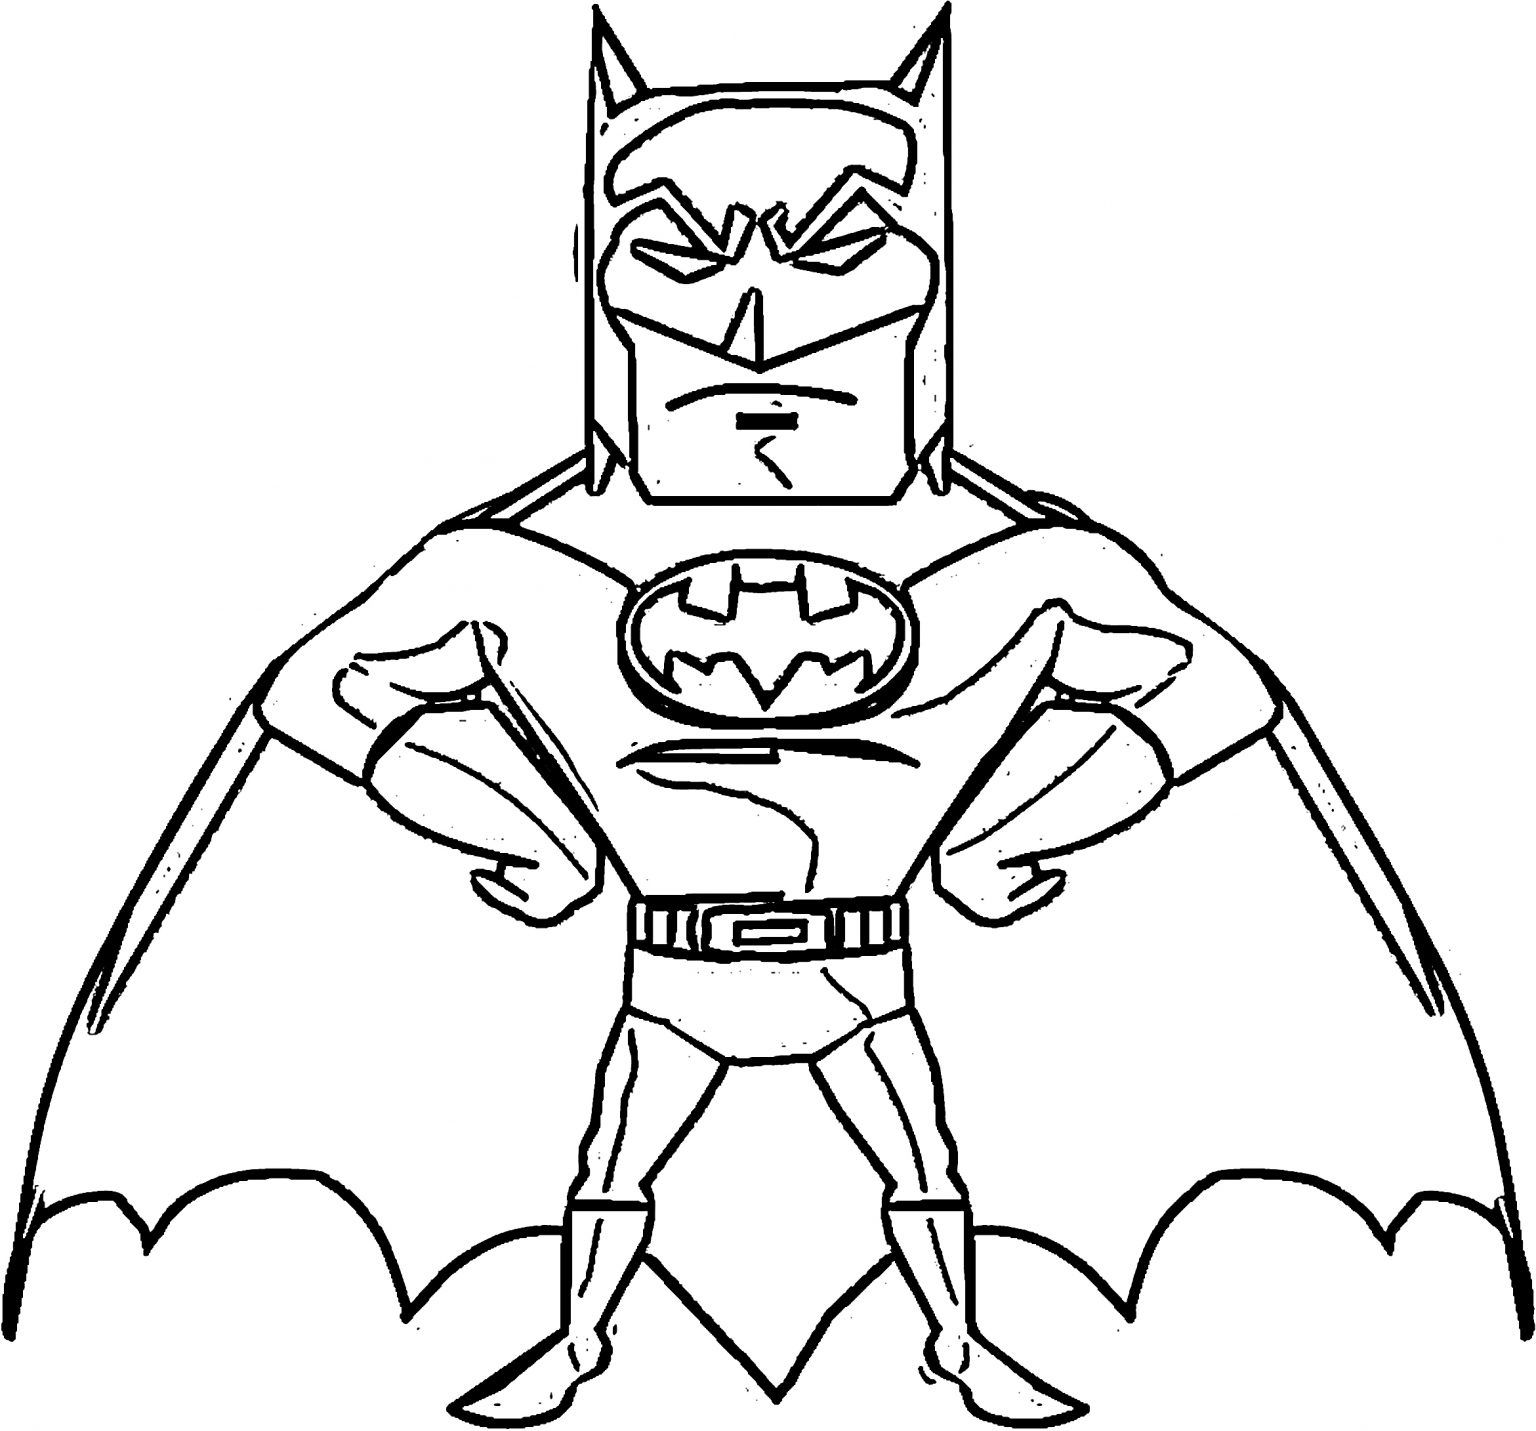 Batman Ausmalbilder Kostenlos Malvorlagen Windowcolor Zum Drucken Ausmalbilder Kostenlose Malvorlagen Batman